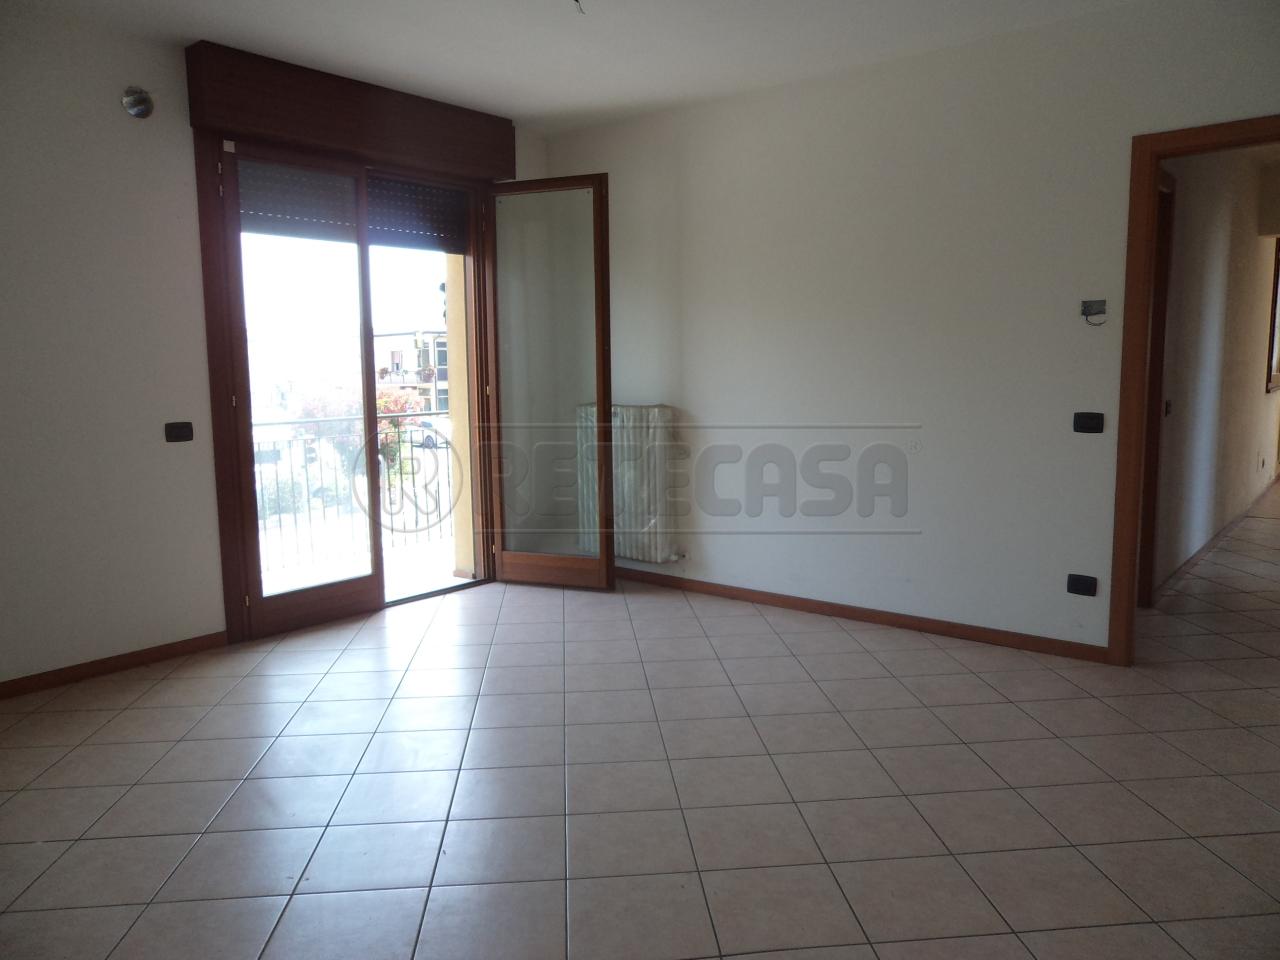 Appartamento in vendita a Villanova di Camposampiero, 9999 locali, prezzo € 97.000 | Cambio Casa.it